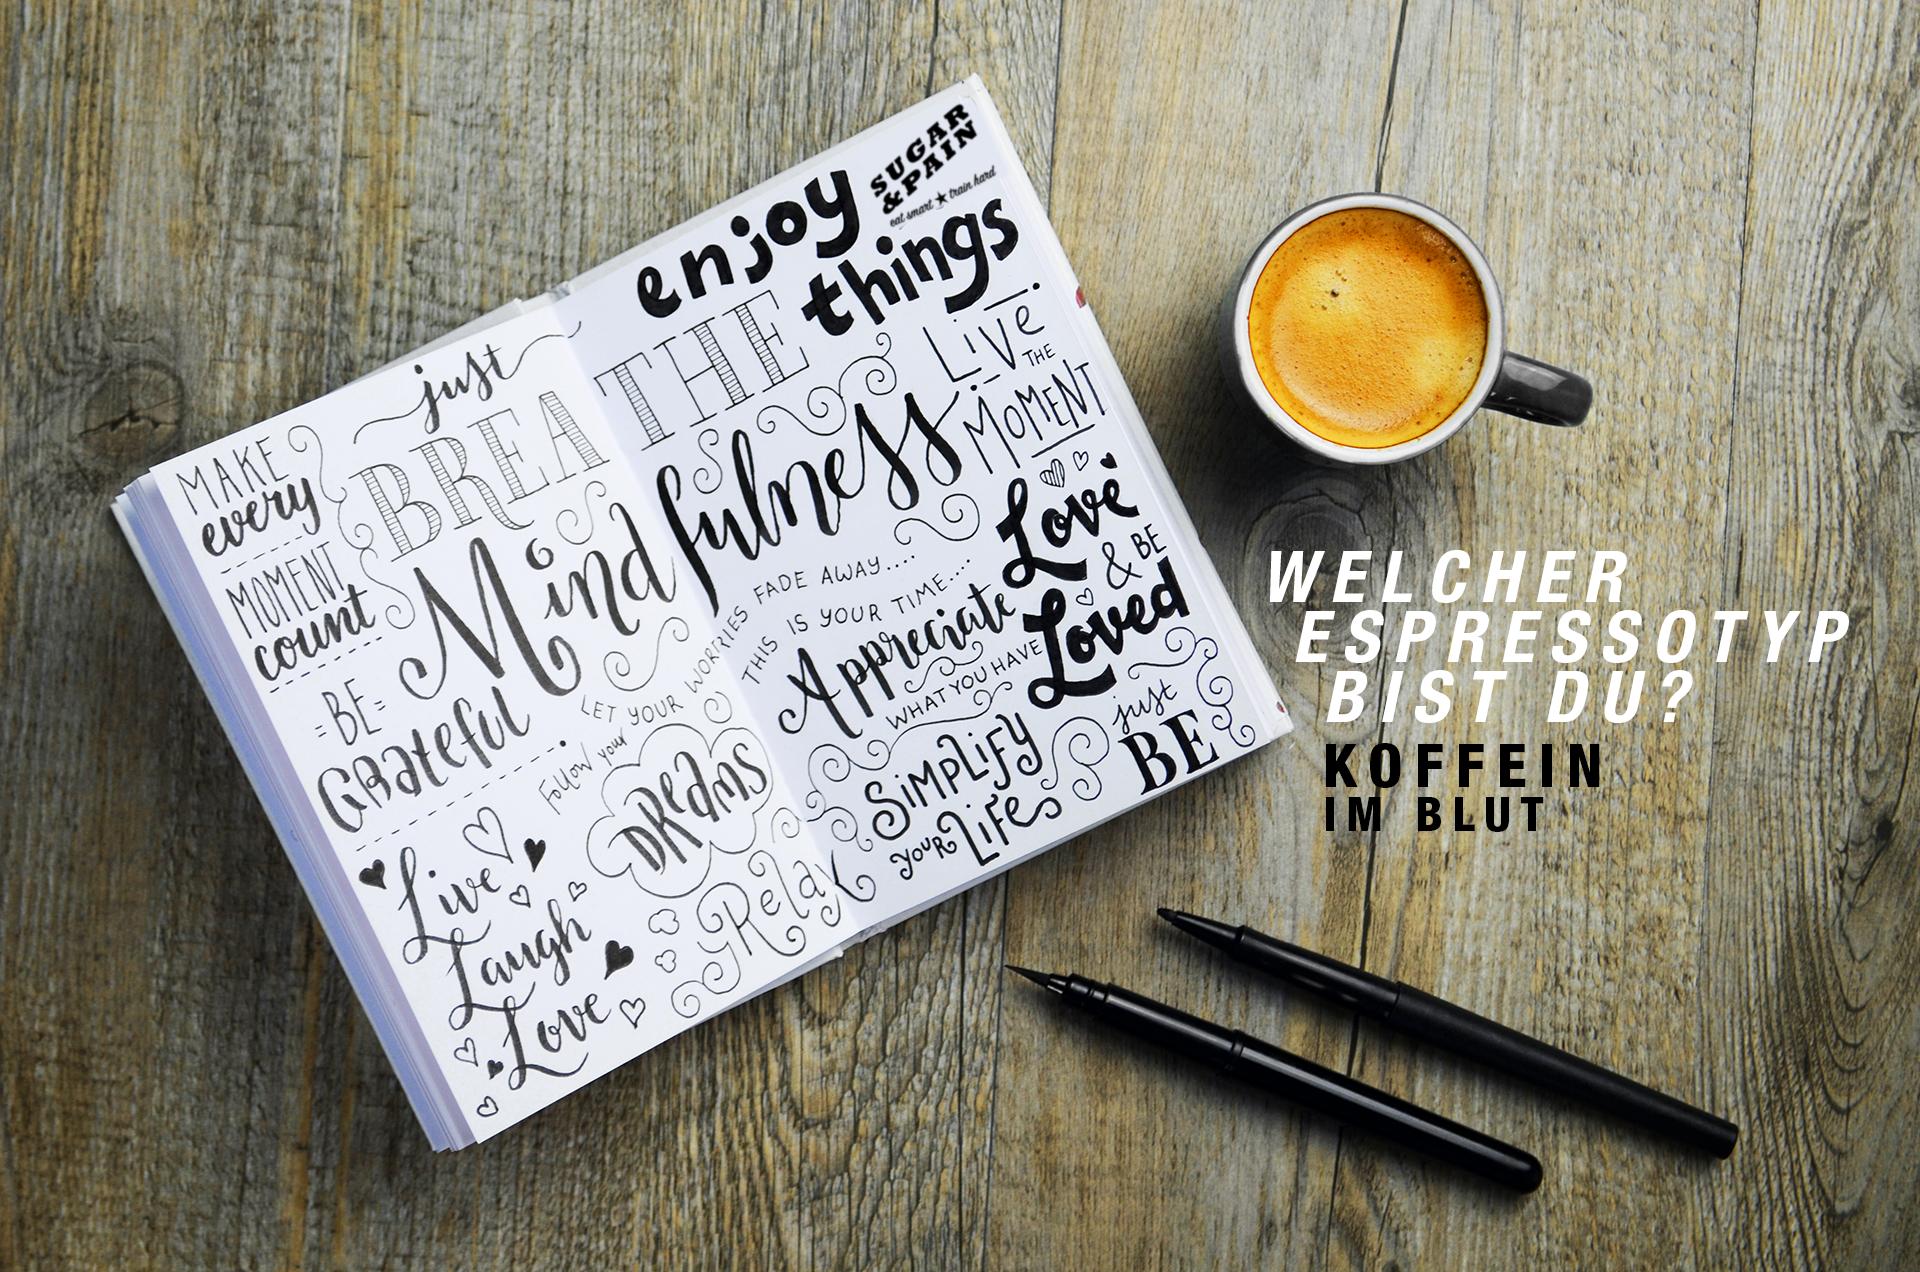 KOFFEIN IM BLUT Welcher Espressotyp bist Du?